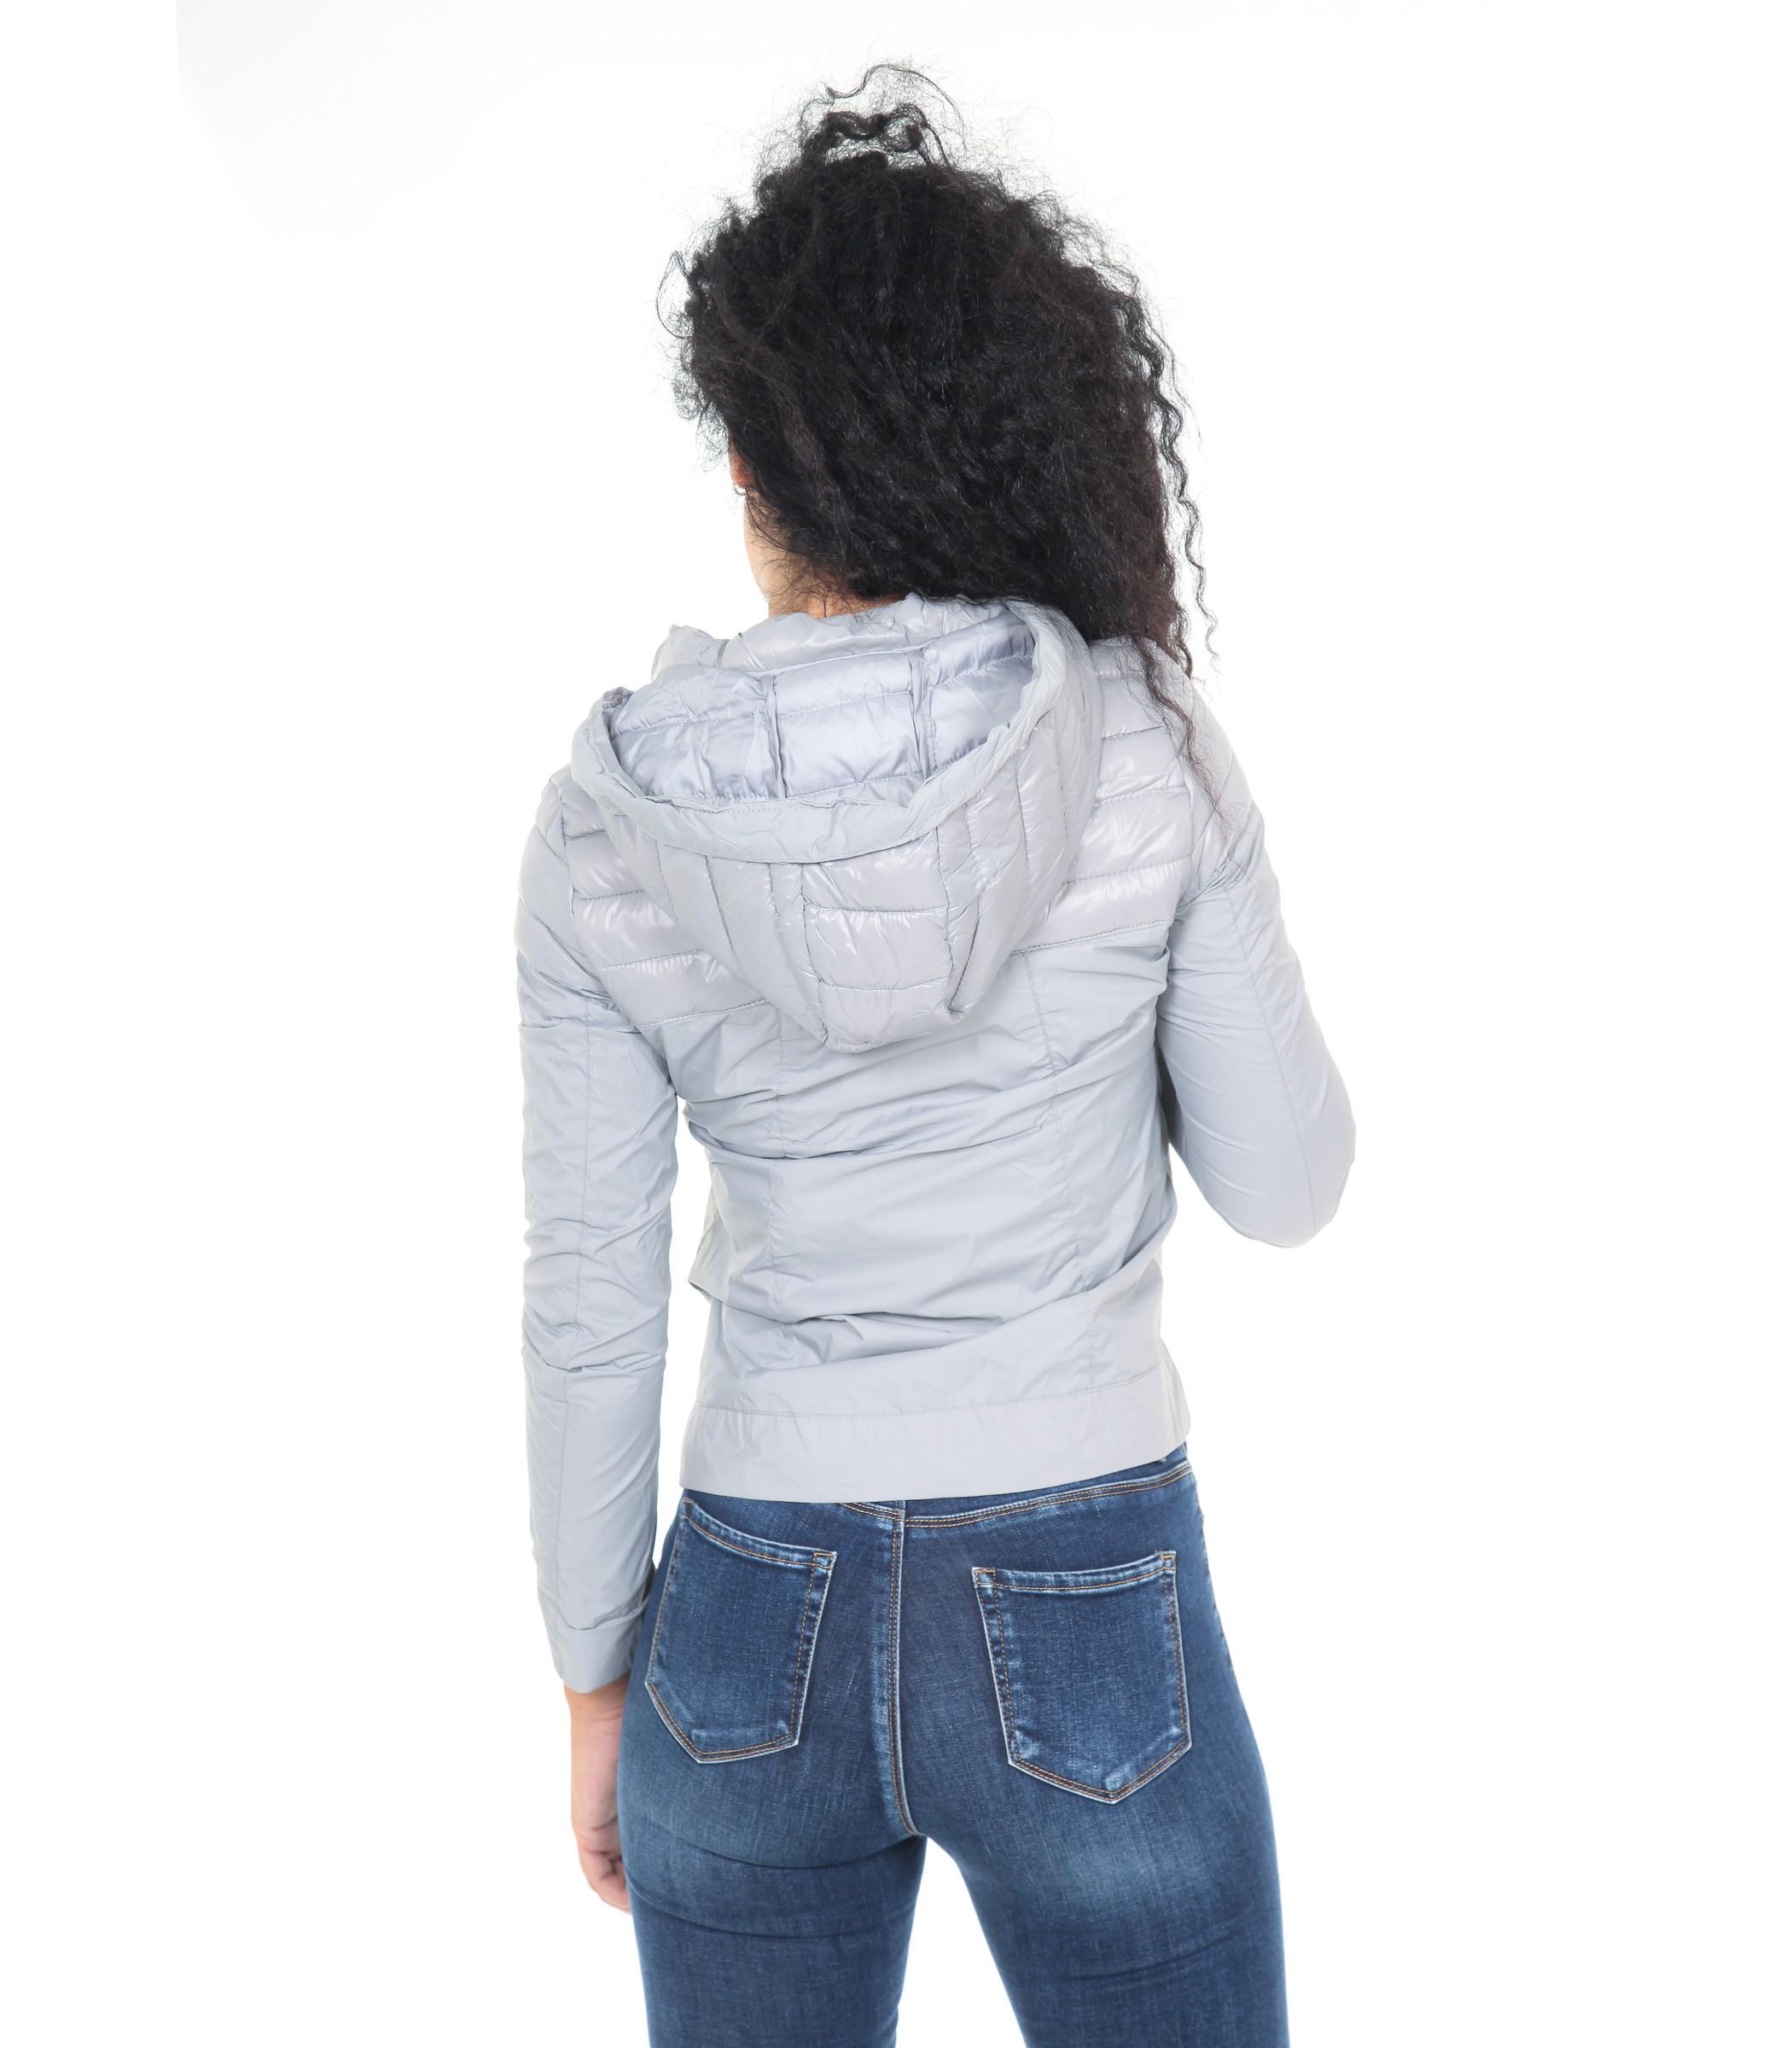 wholesale dealer 3c943 18e2e Giubbotto da donna 100 grammi leggero con cappuccio